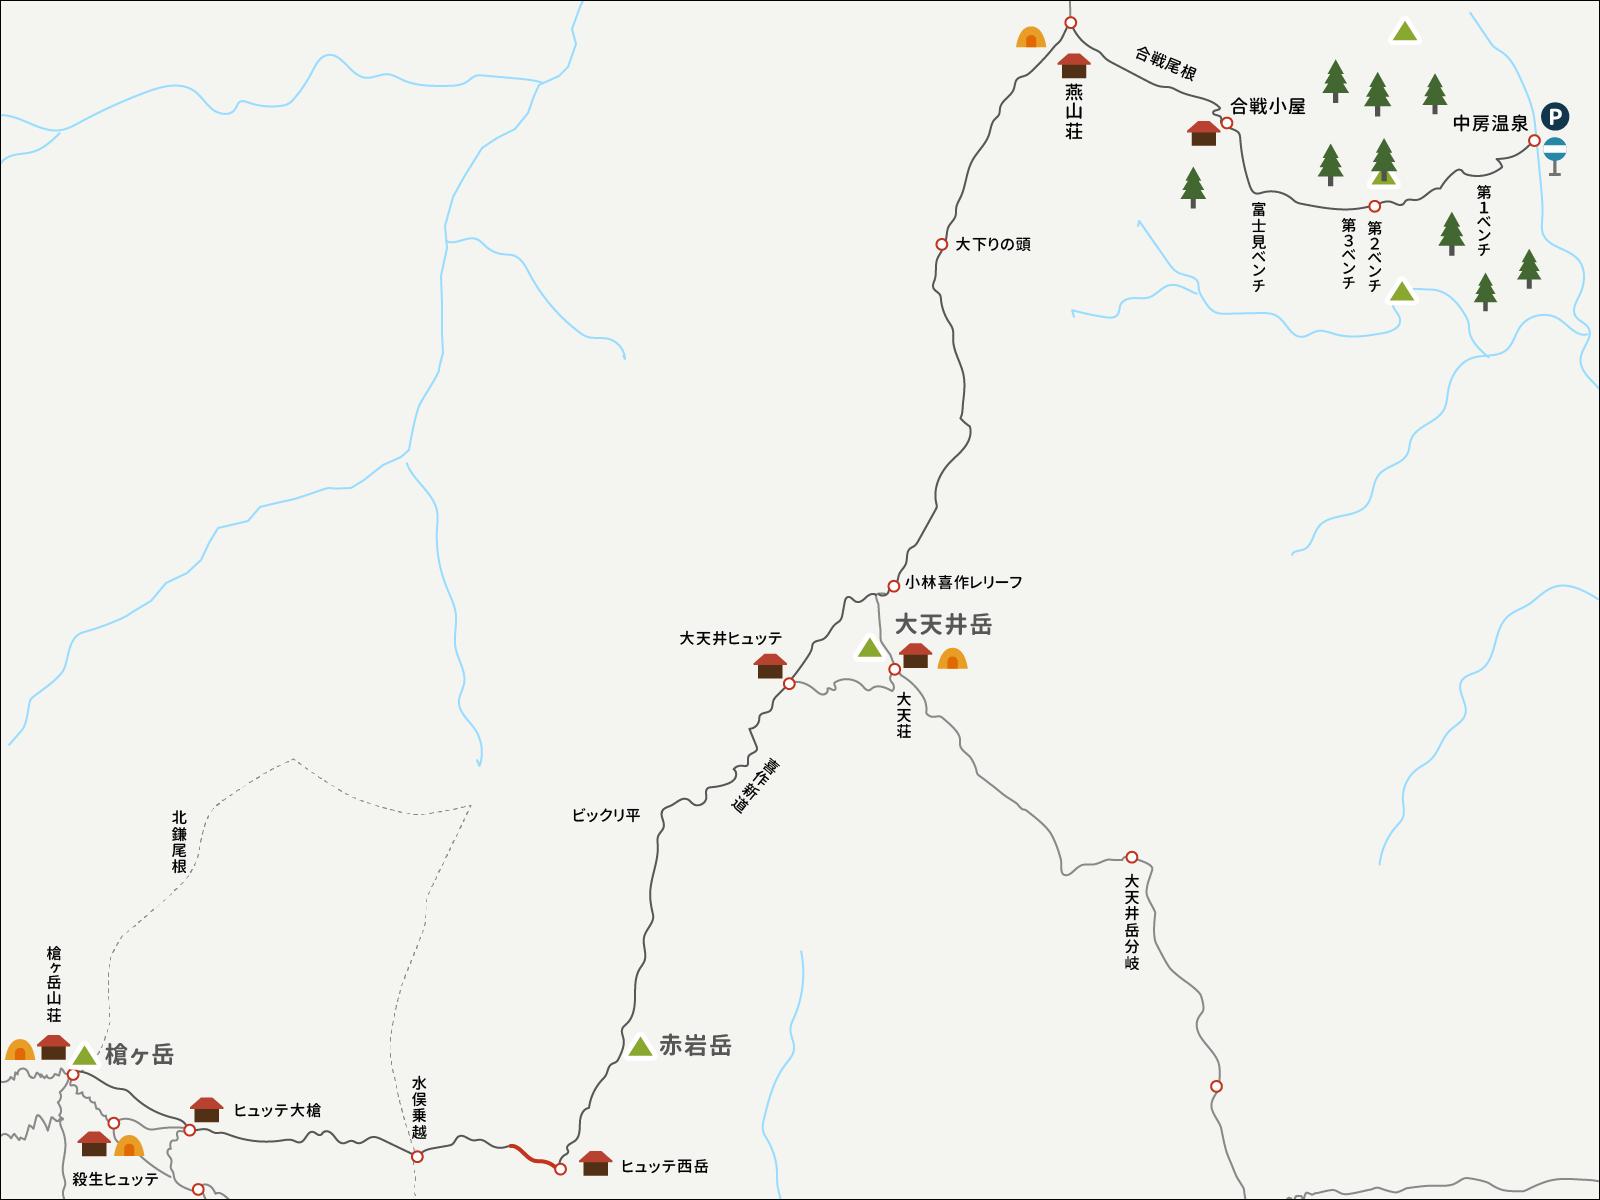 ヒュッテ西岳までのイラストマップ